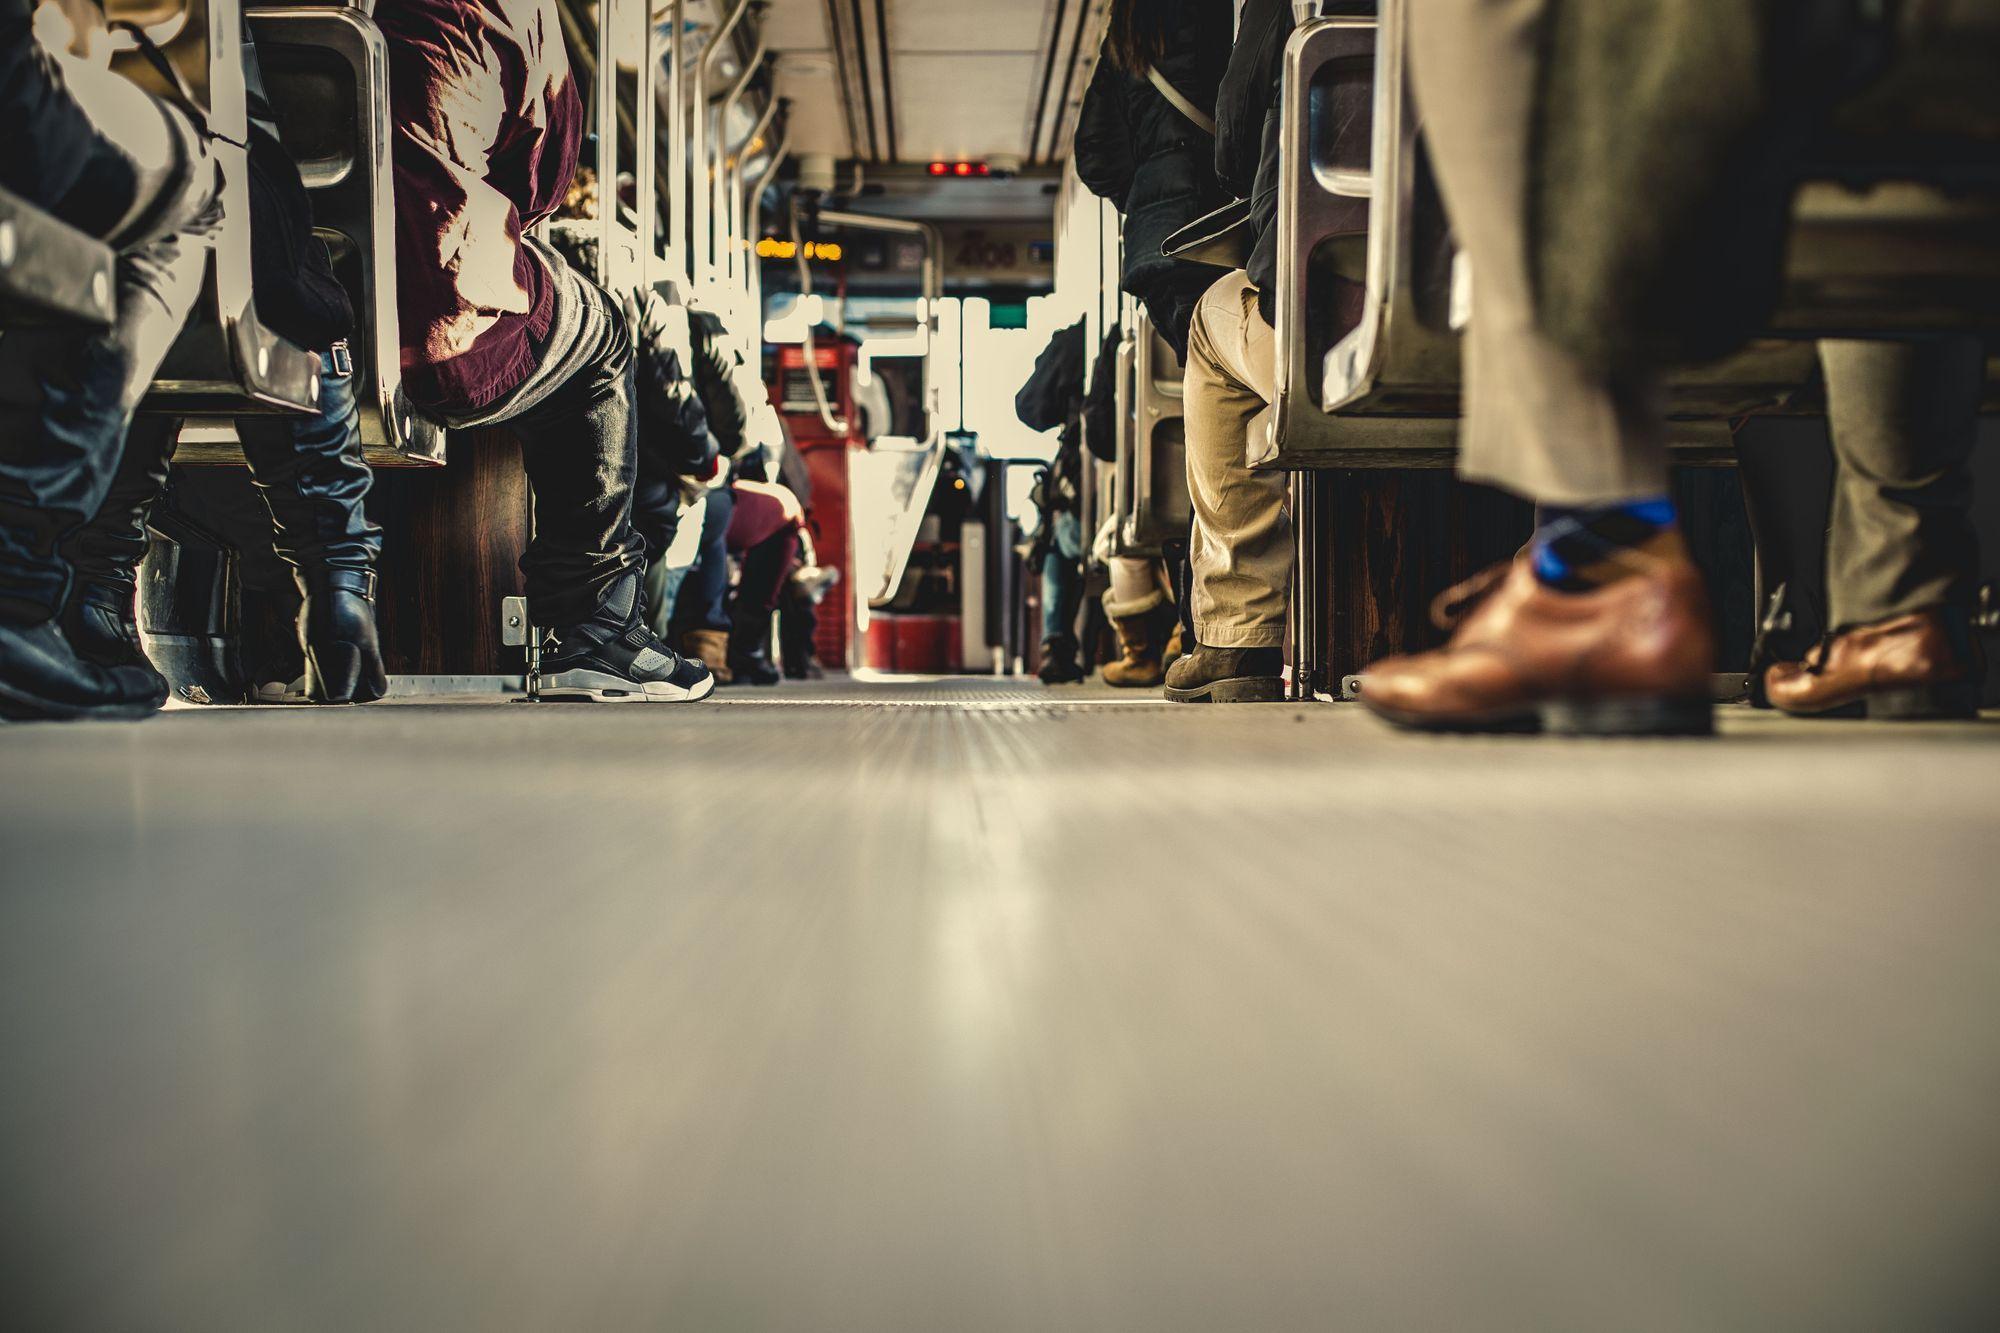 Dlaczego korzystanie z komunikacji miejskiej się opłaca?